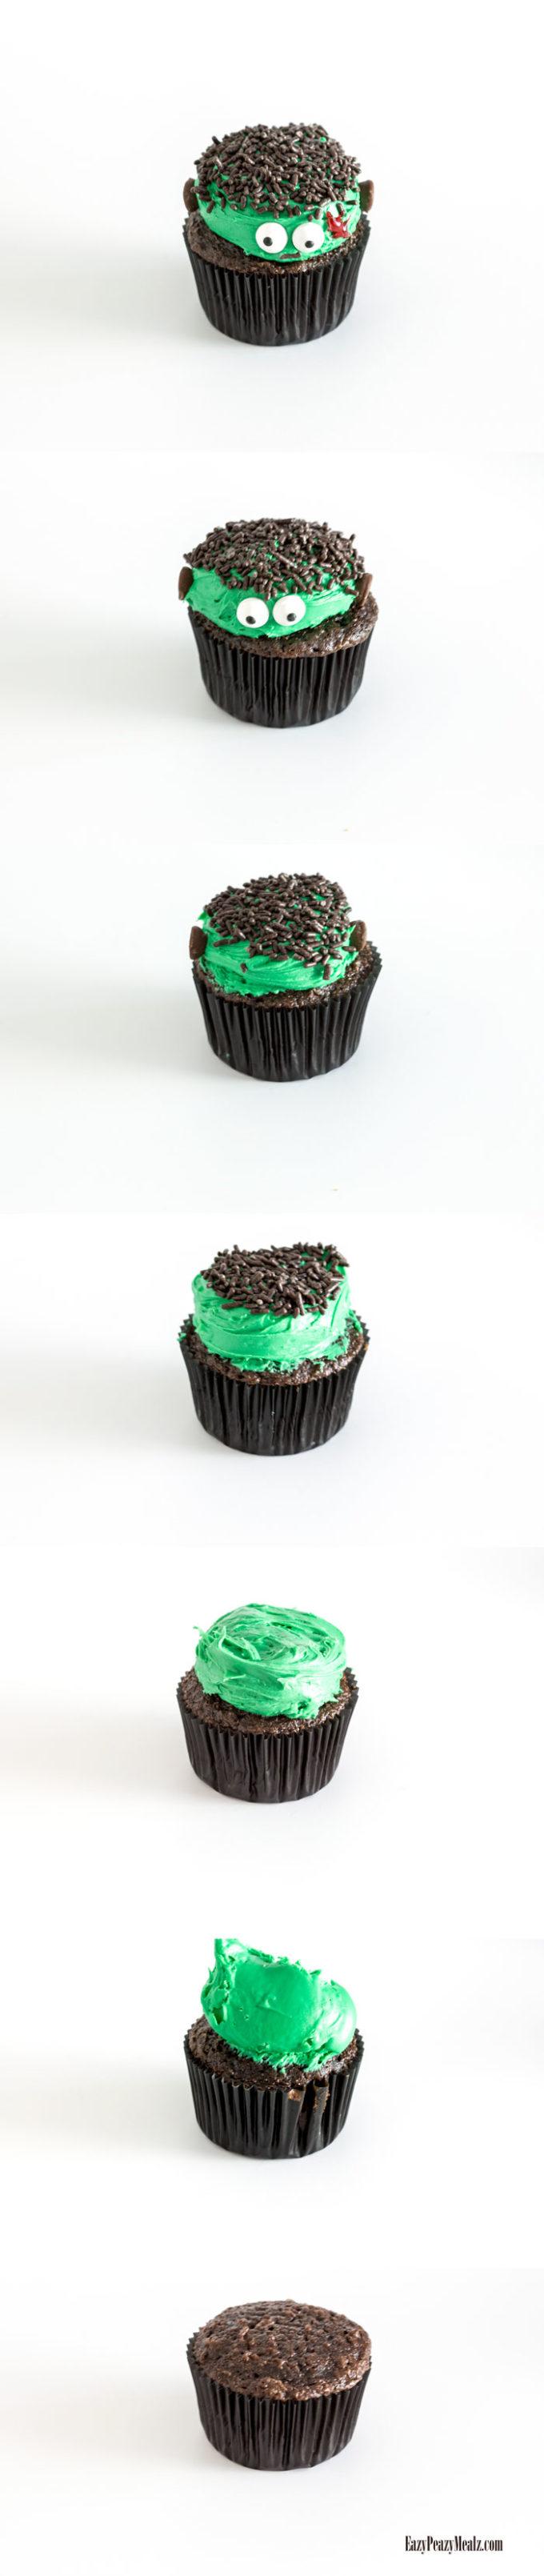 Assembling a Frankenstein cupcake